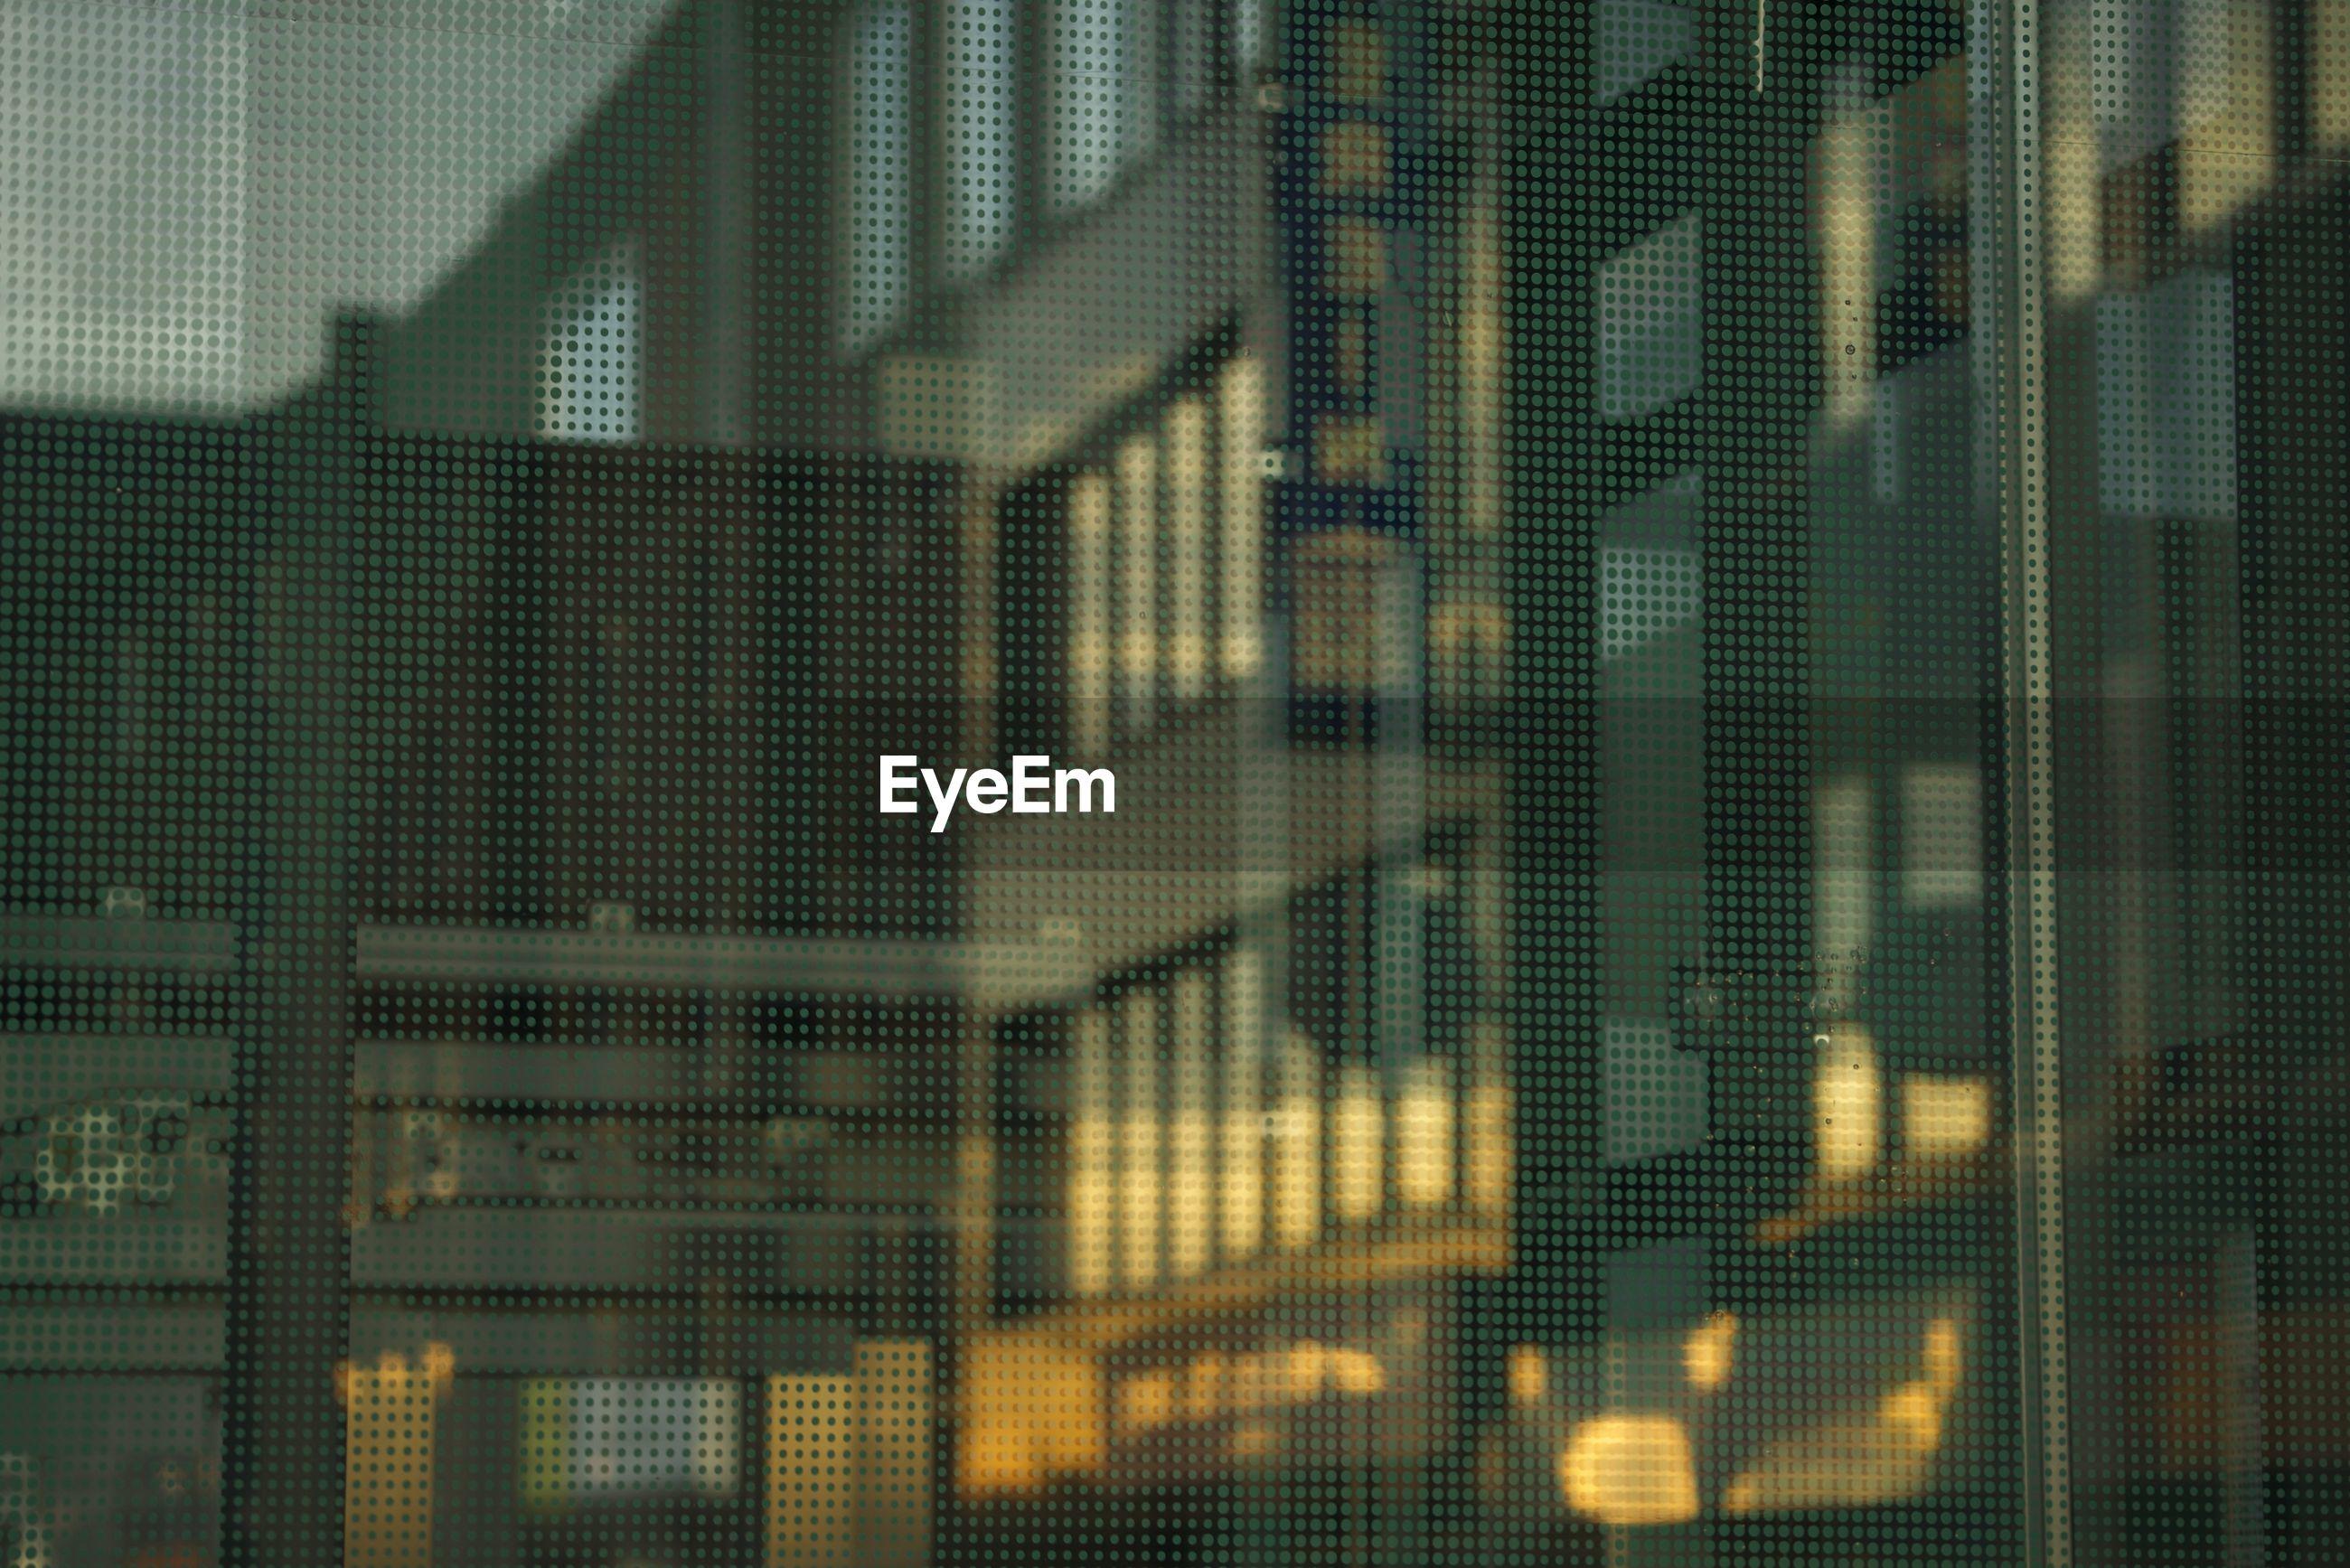 Full frame shot of office building window